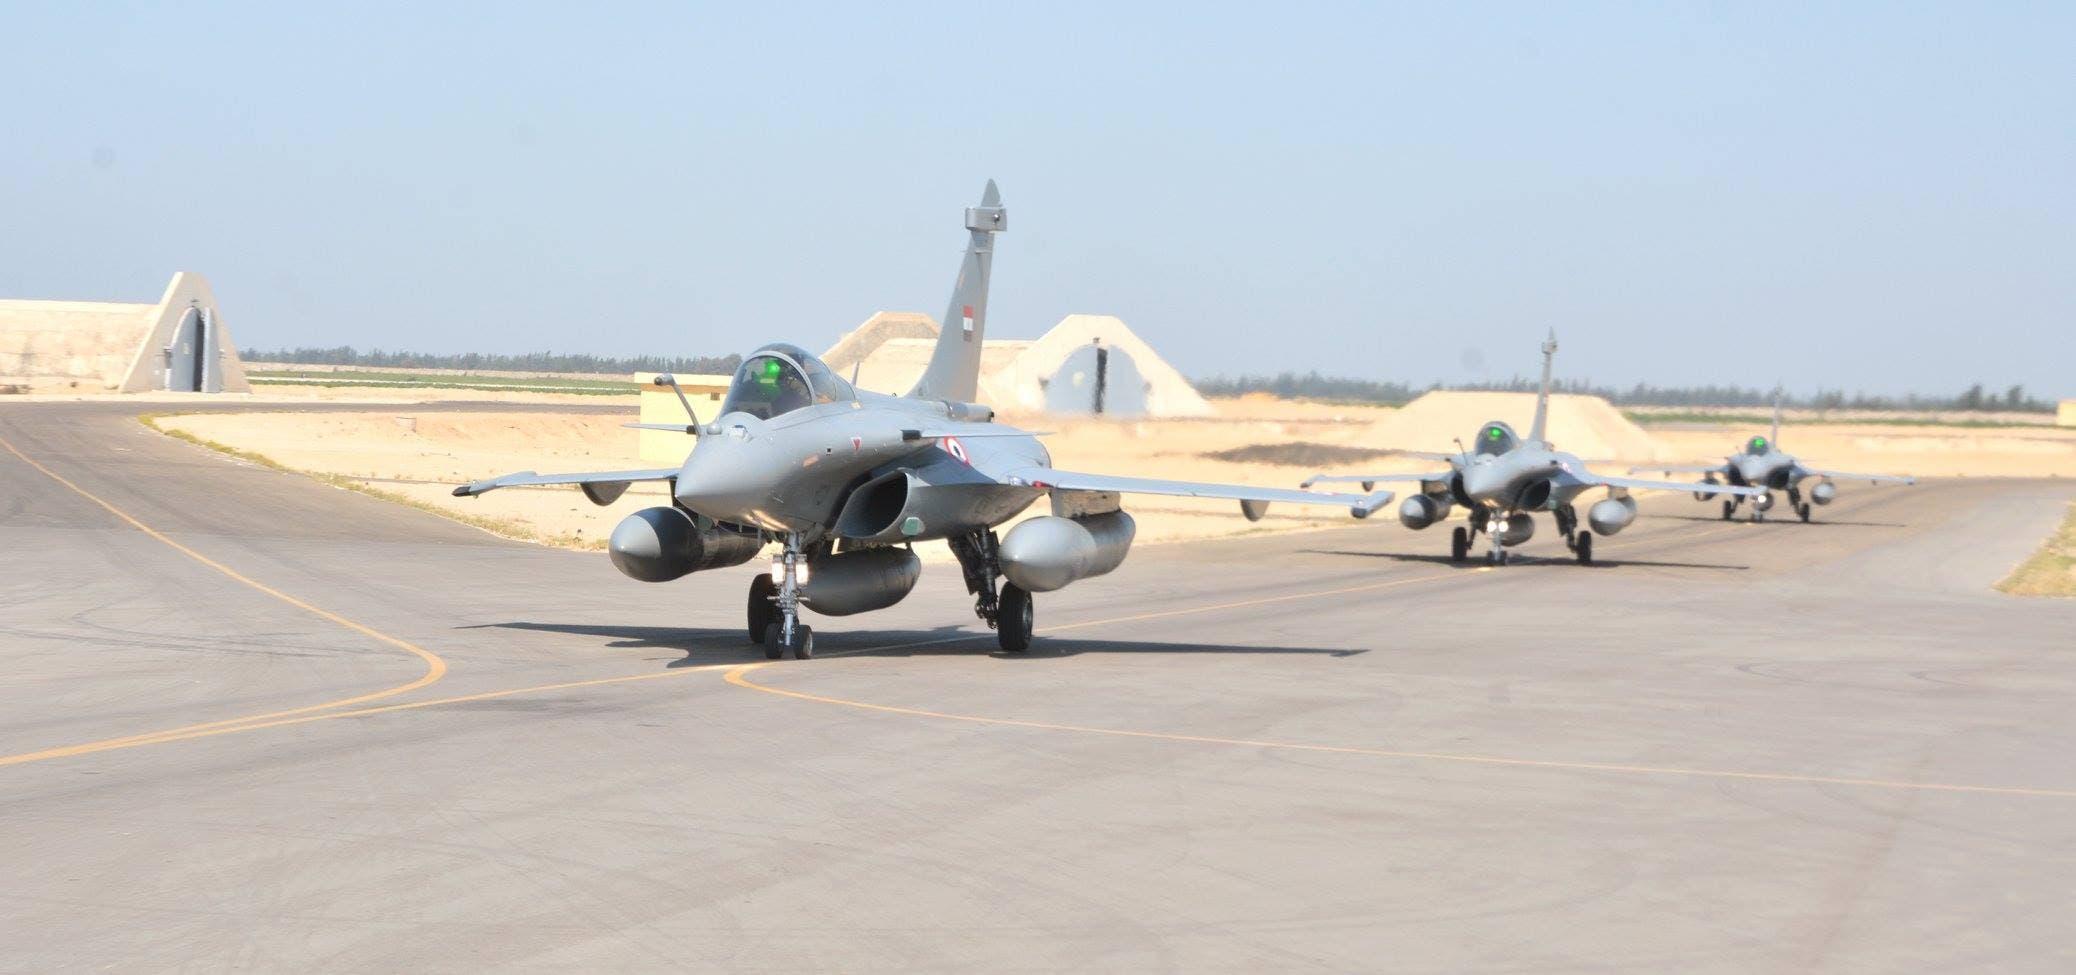 """الدفعة الثالثة من طائرات """"الرافال"""" تحلق بسماء القاهرة 211f34cd-121c-46f3-9fc8-31a0c09851f4"""